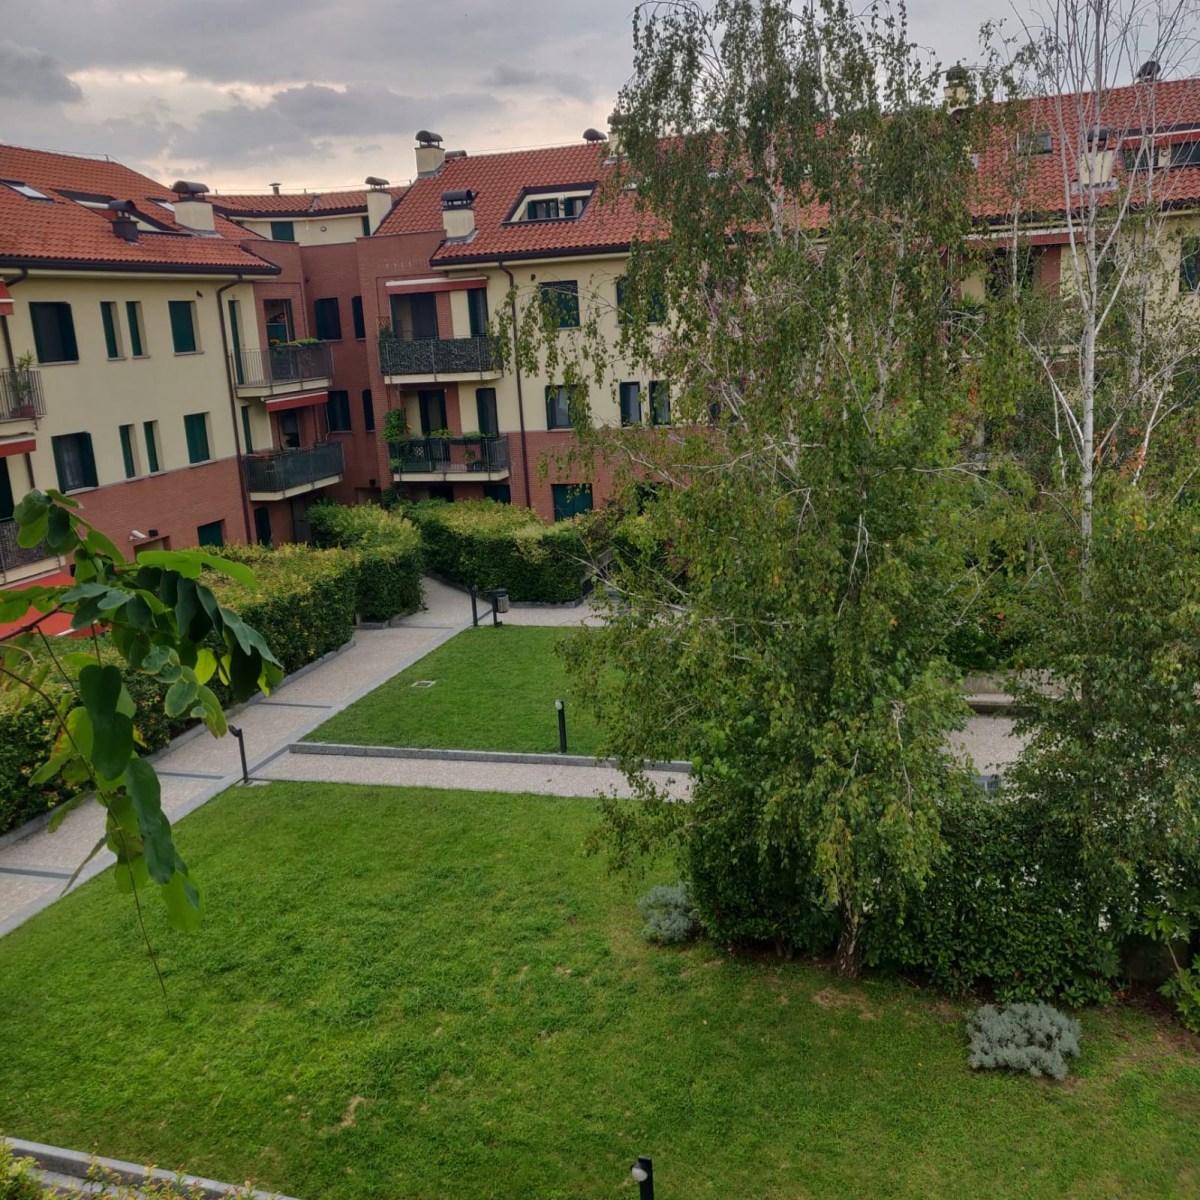 appartamento-in-vendita-milano-muggiano-3-locali-trilocale-spaziourbano-immobiliare-vende-13